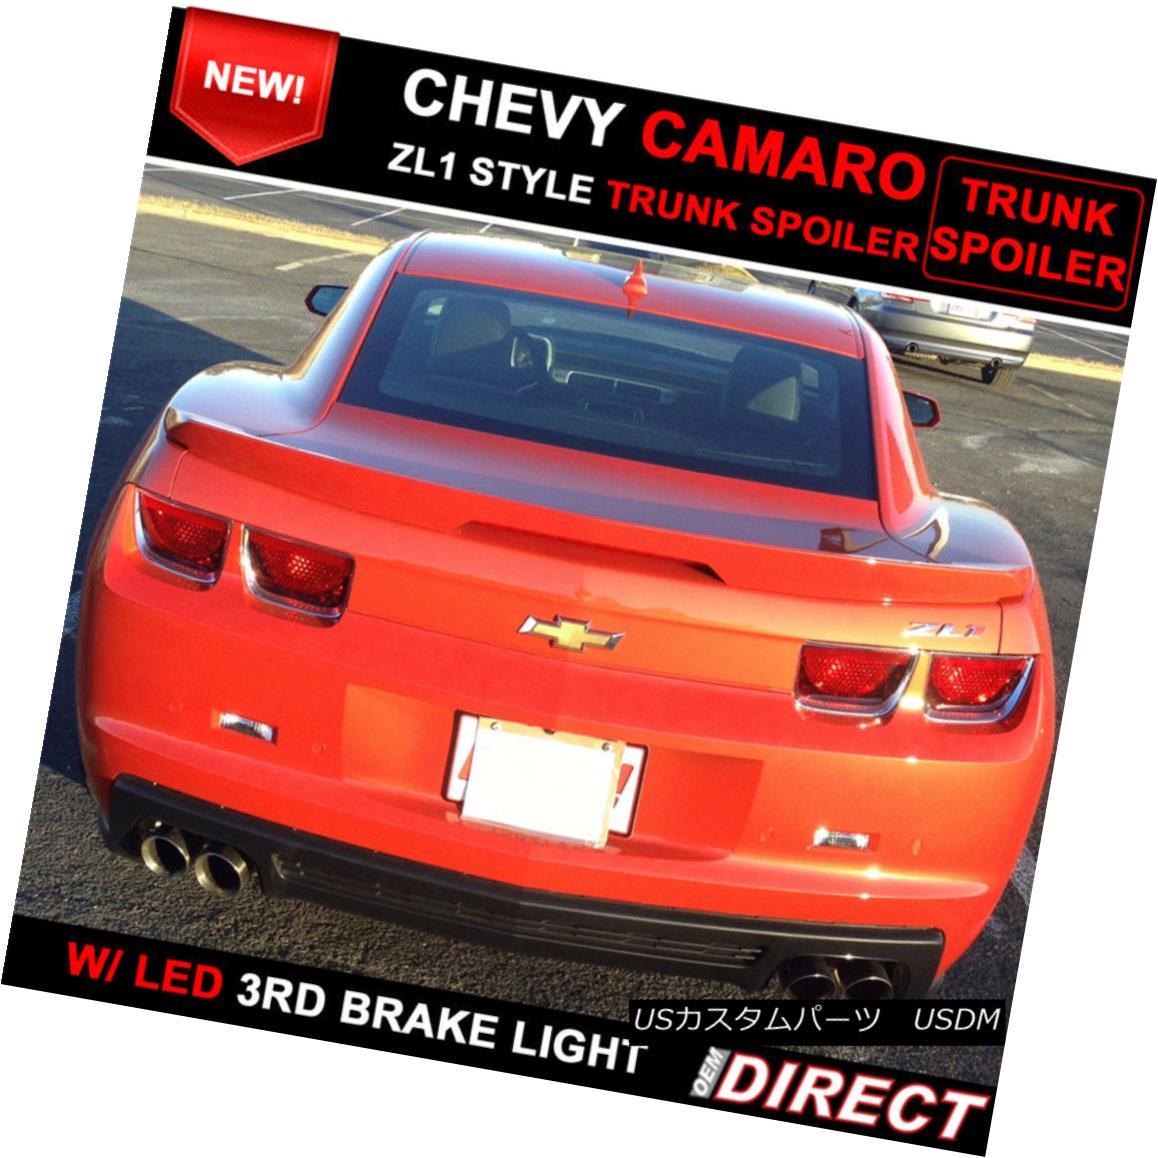 エアロパーツ 10-13 Chevrolet Camaro ZL1 Style Trunk Spoiler Painted Inferno Orange WA502Q 10-13シボレーカマロZL1スタイルトランク・スポイラーペイント・インフェルノ・オレンジWA502Q